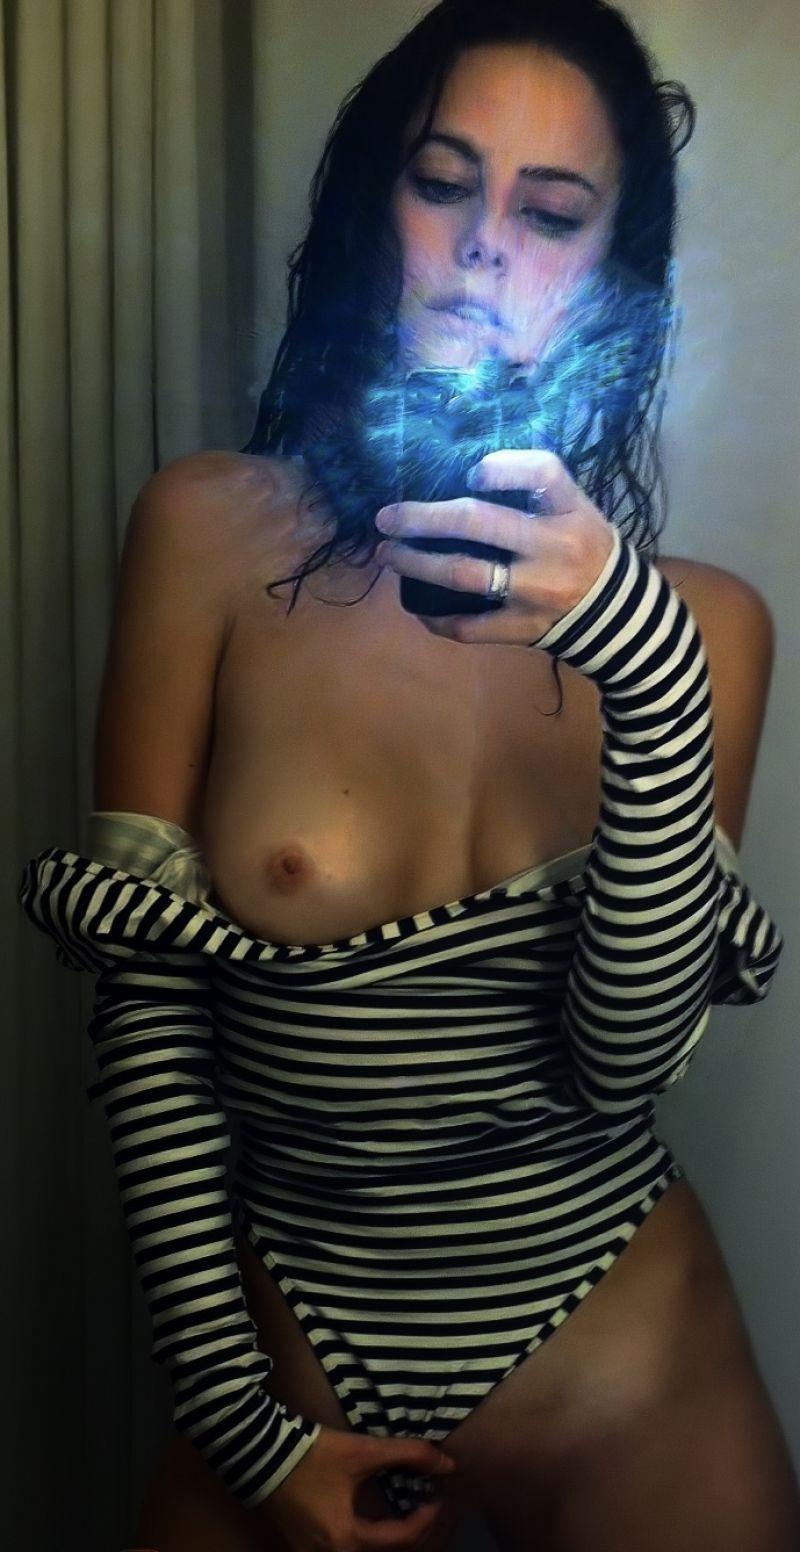 amy schumer fake porn